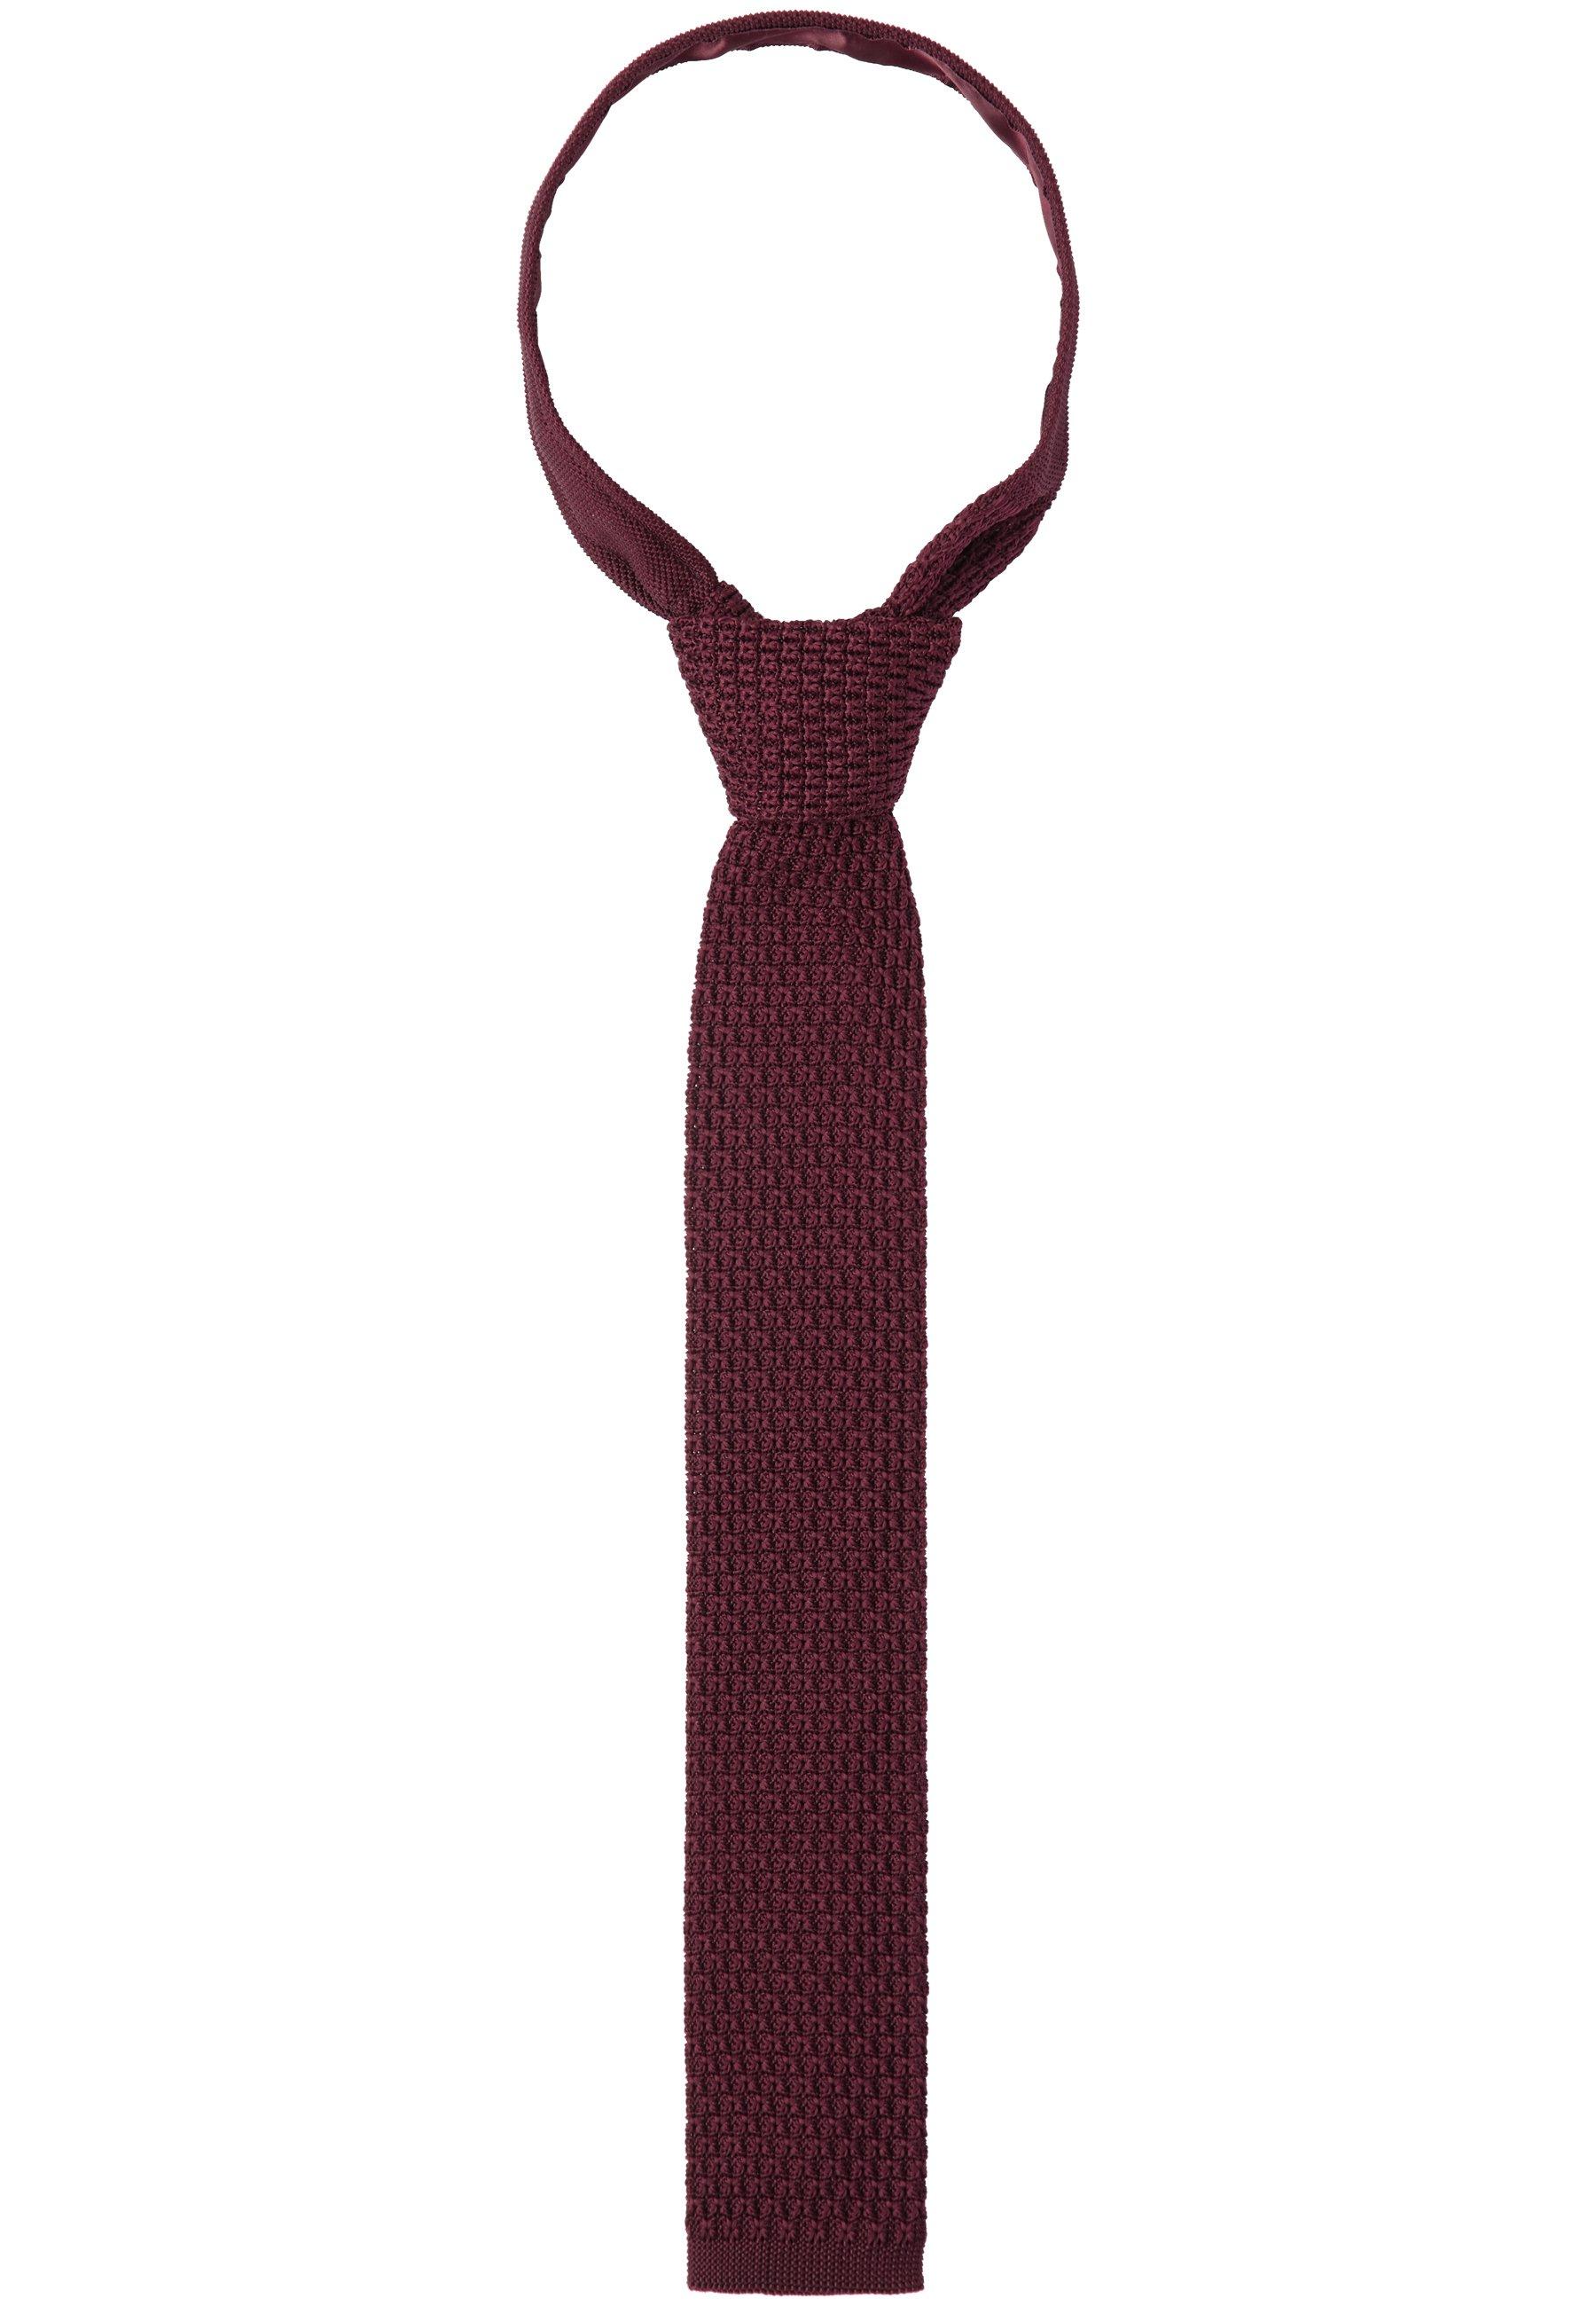 Pierre Cardin Krawatte - Dunkelrot